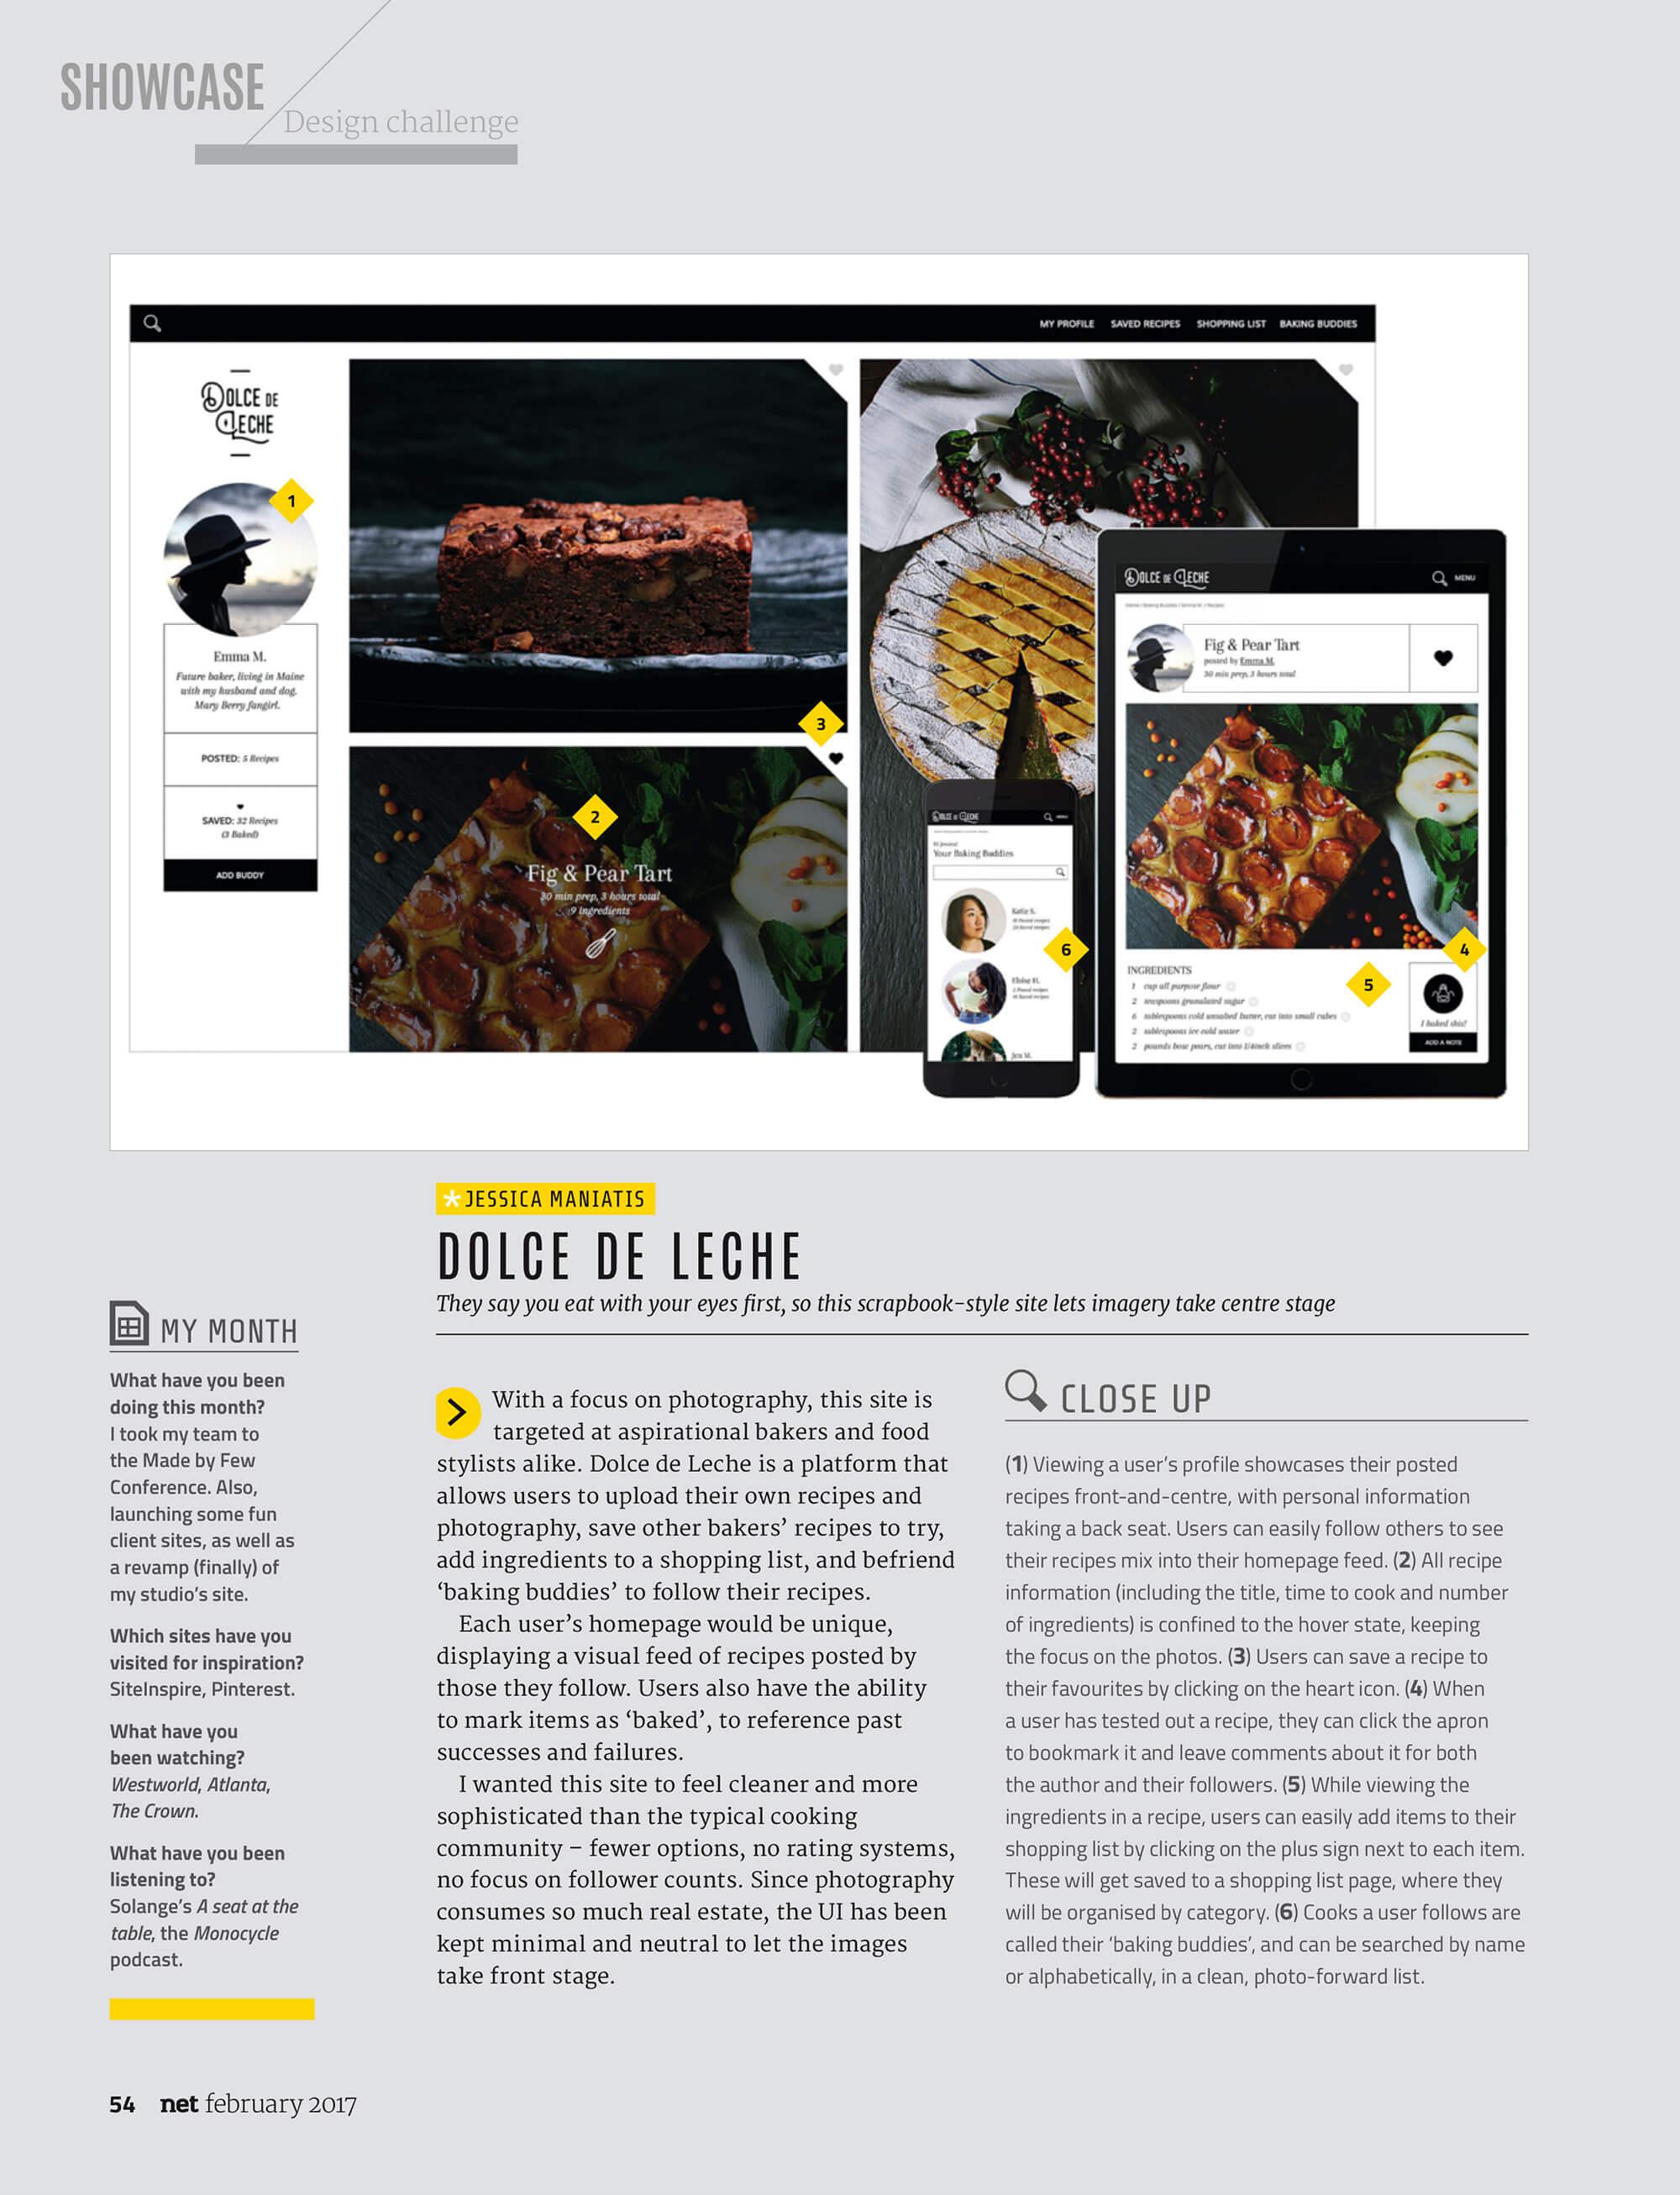 JSGD in Net Magazine's Design Challenge –Feb 2017